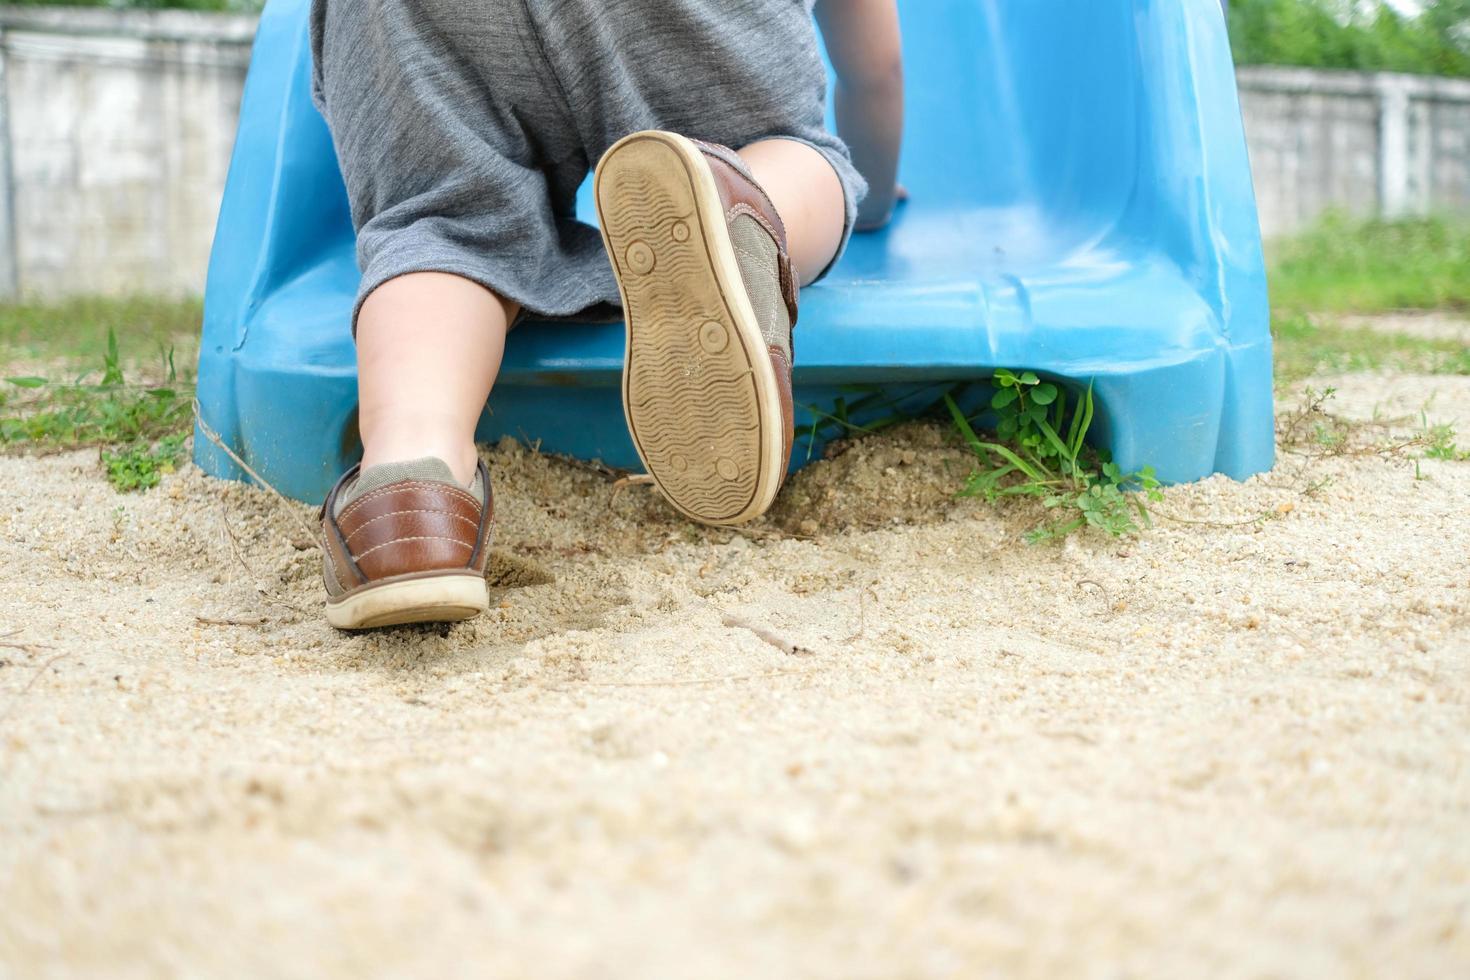 petit enfant grimpant sur un toboggan photo